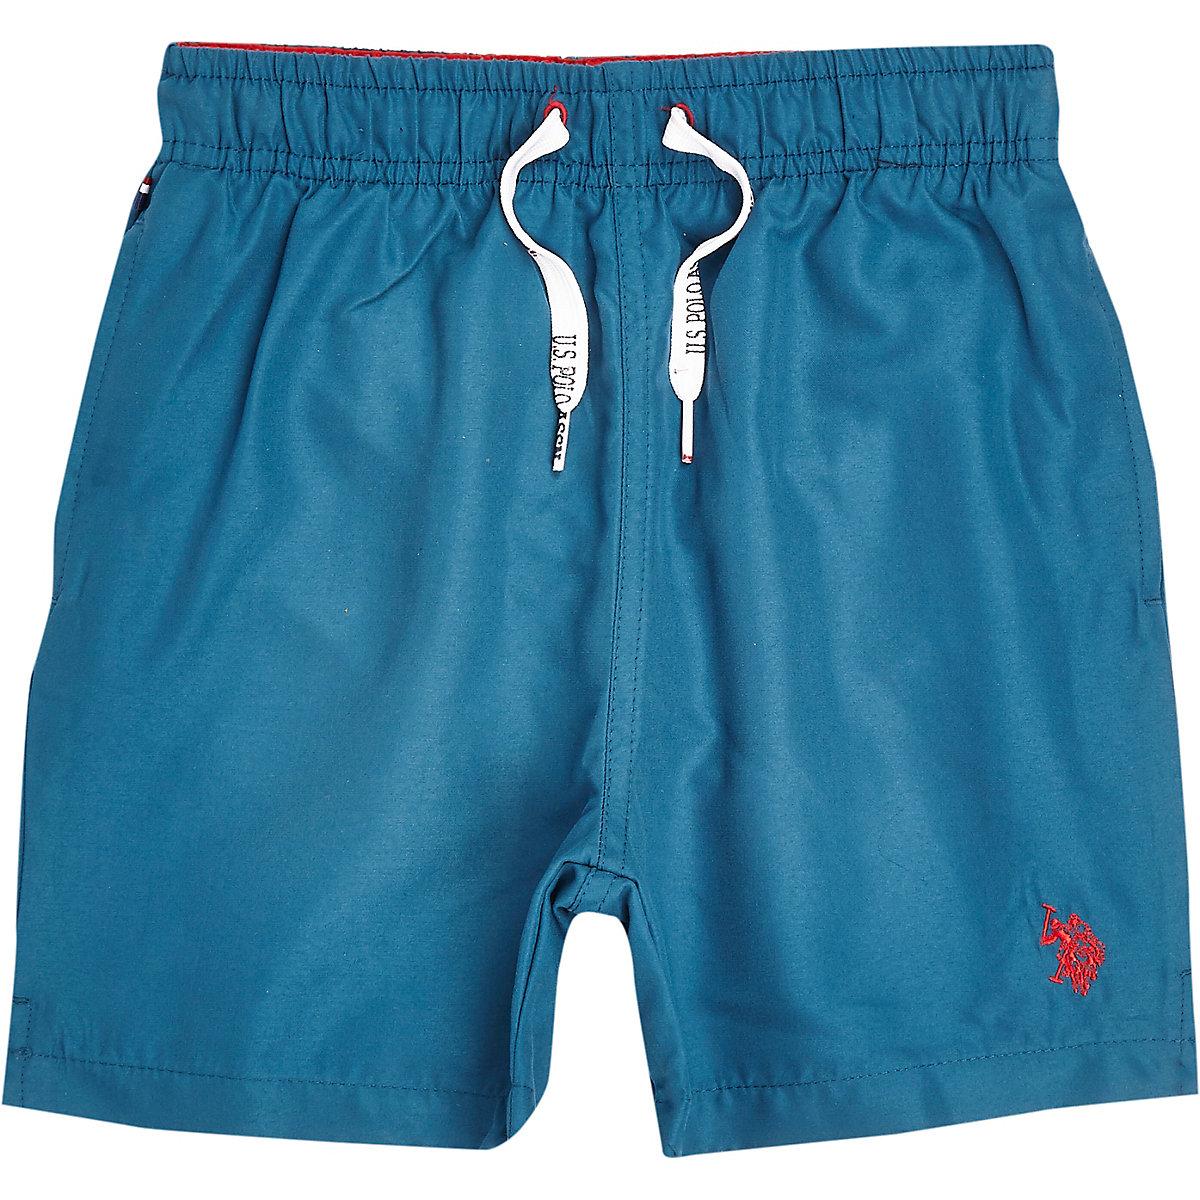 Boys blue U.S. Polo Assn. swim trunks